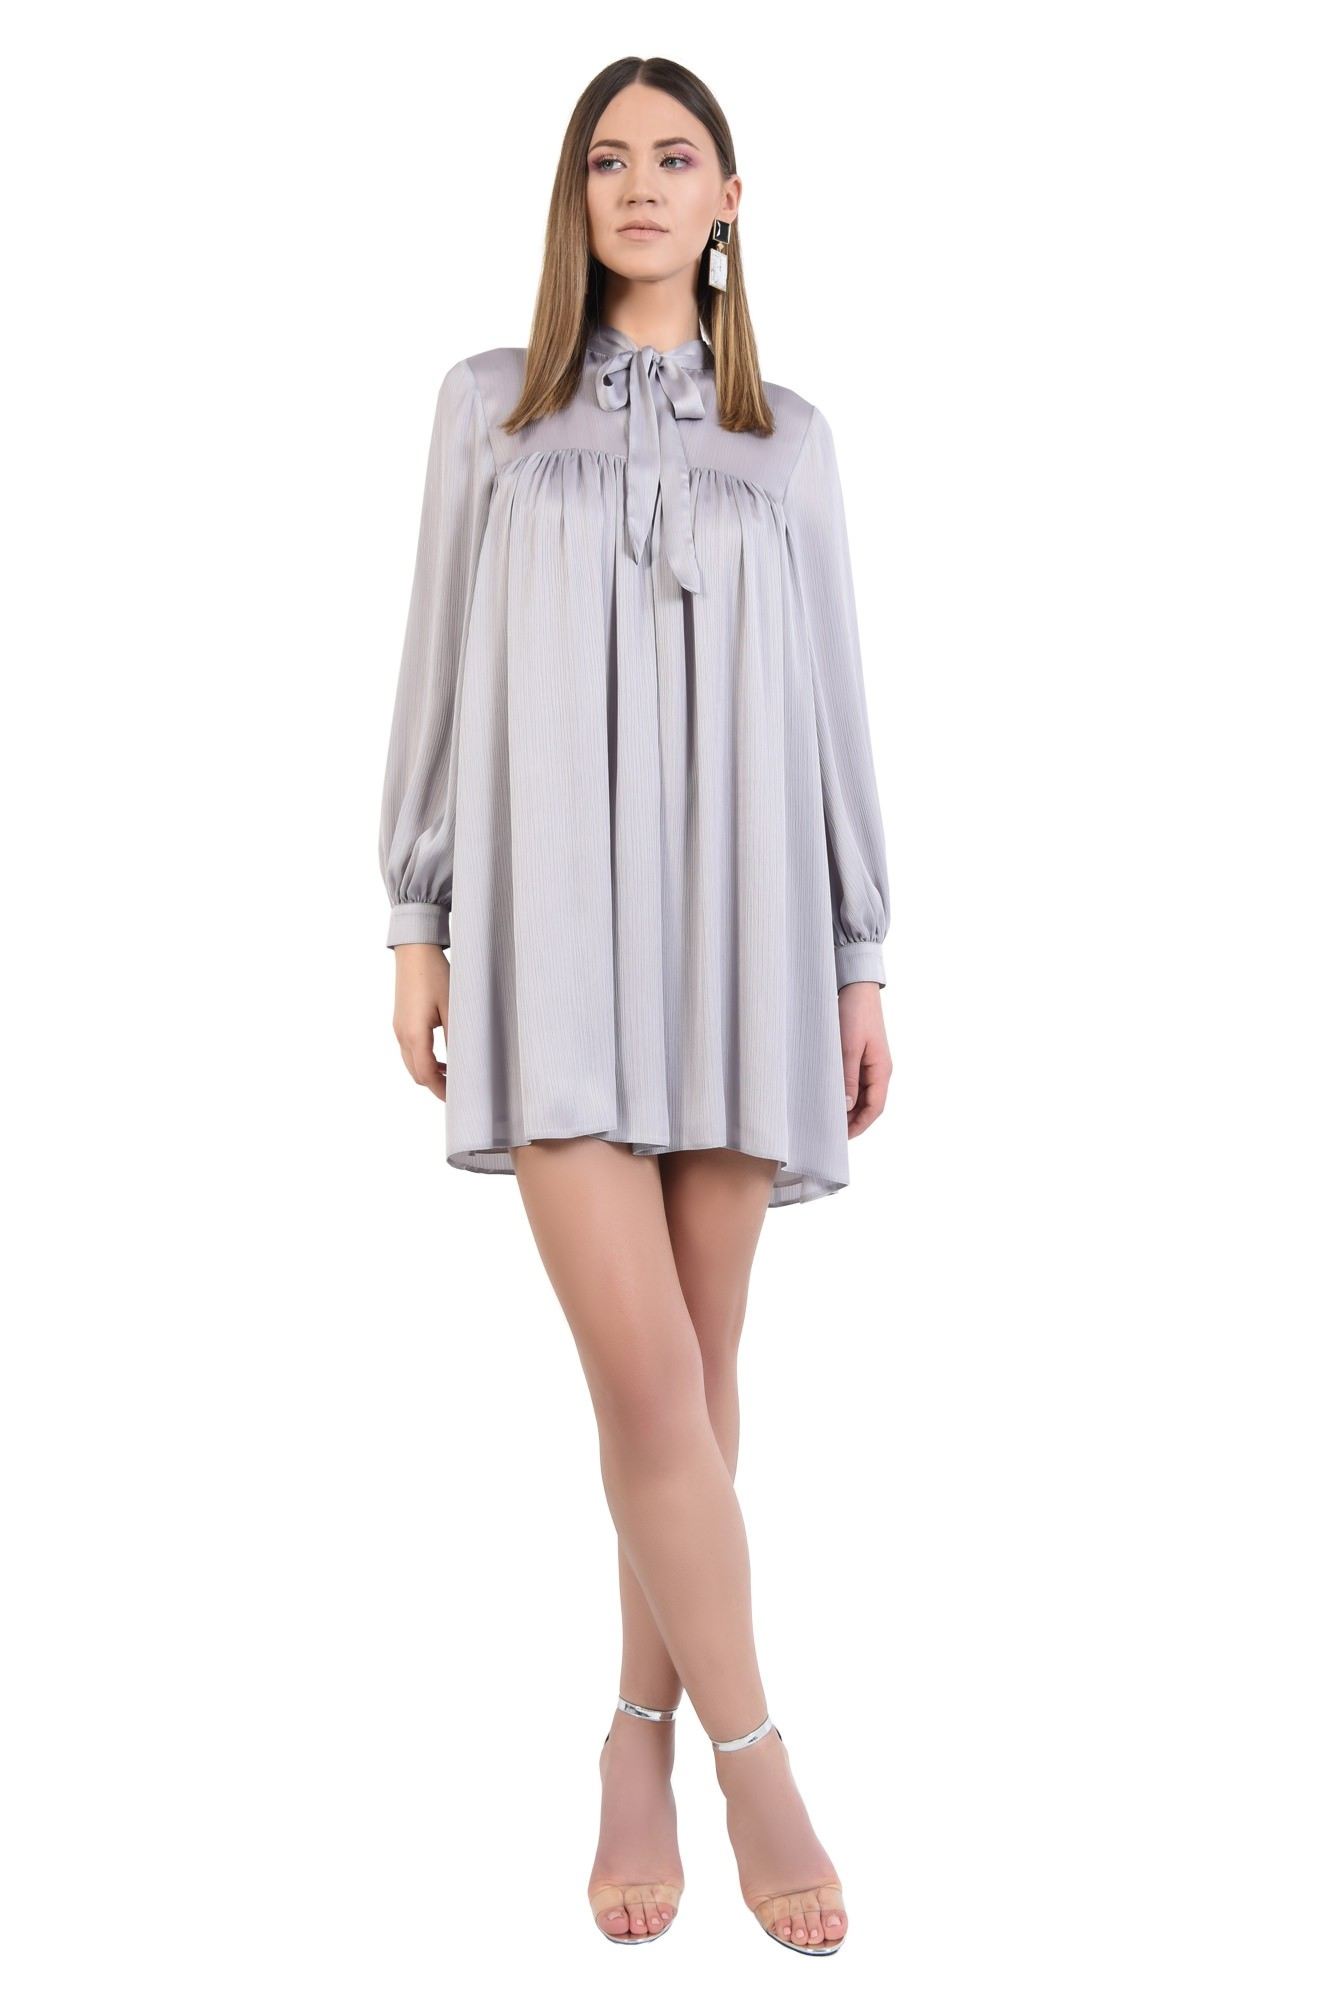 3 - 360 - rochie eleganta, scurta, babydoll, cu maneci bufante lungi, funda